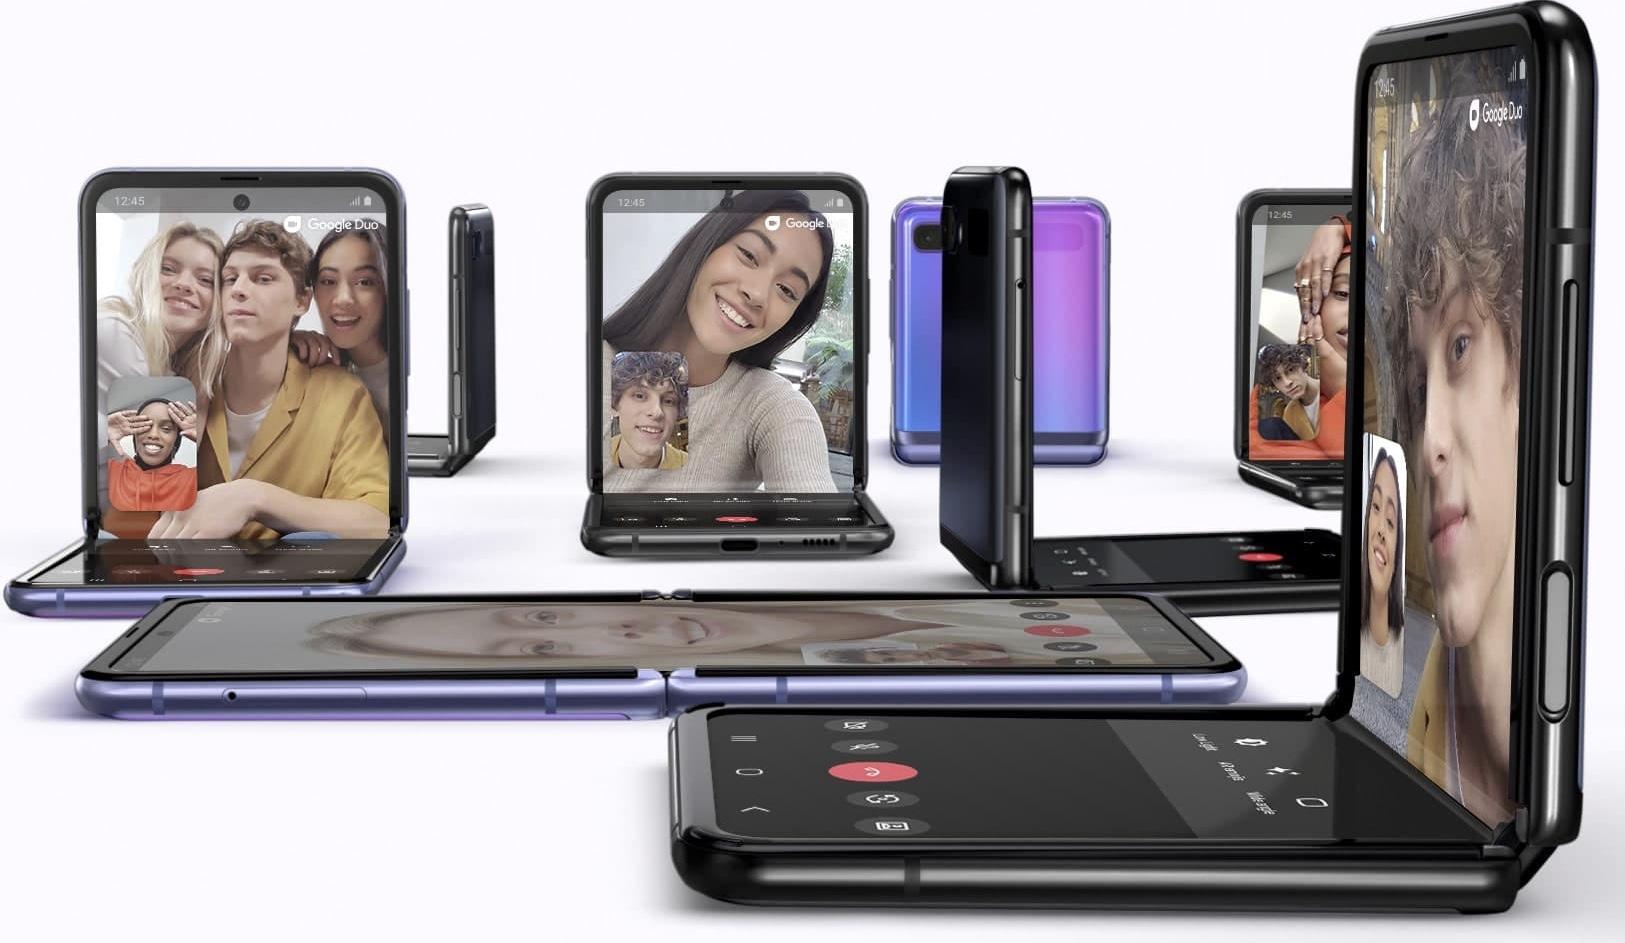 składany smartfon Samsung Galaxy Z Flip 2 5G cena kiedy premiera plotki przecieki wycieki specyfikacja dane techniczne